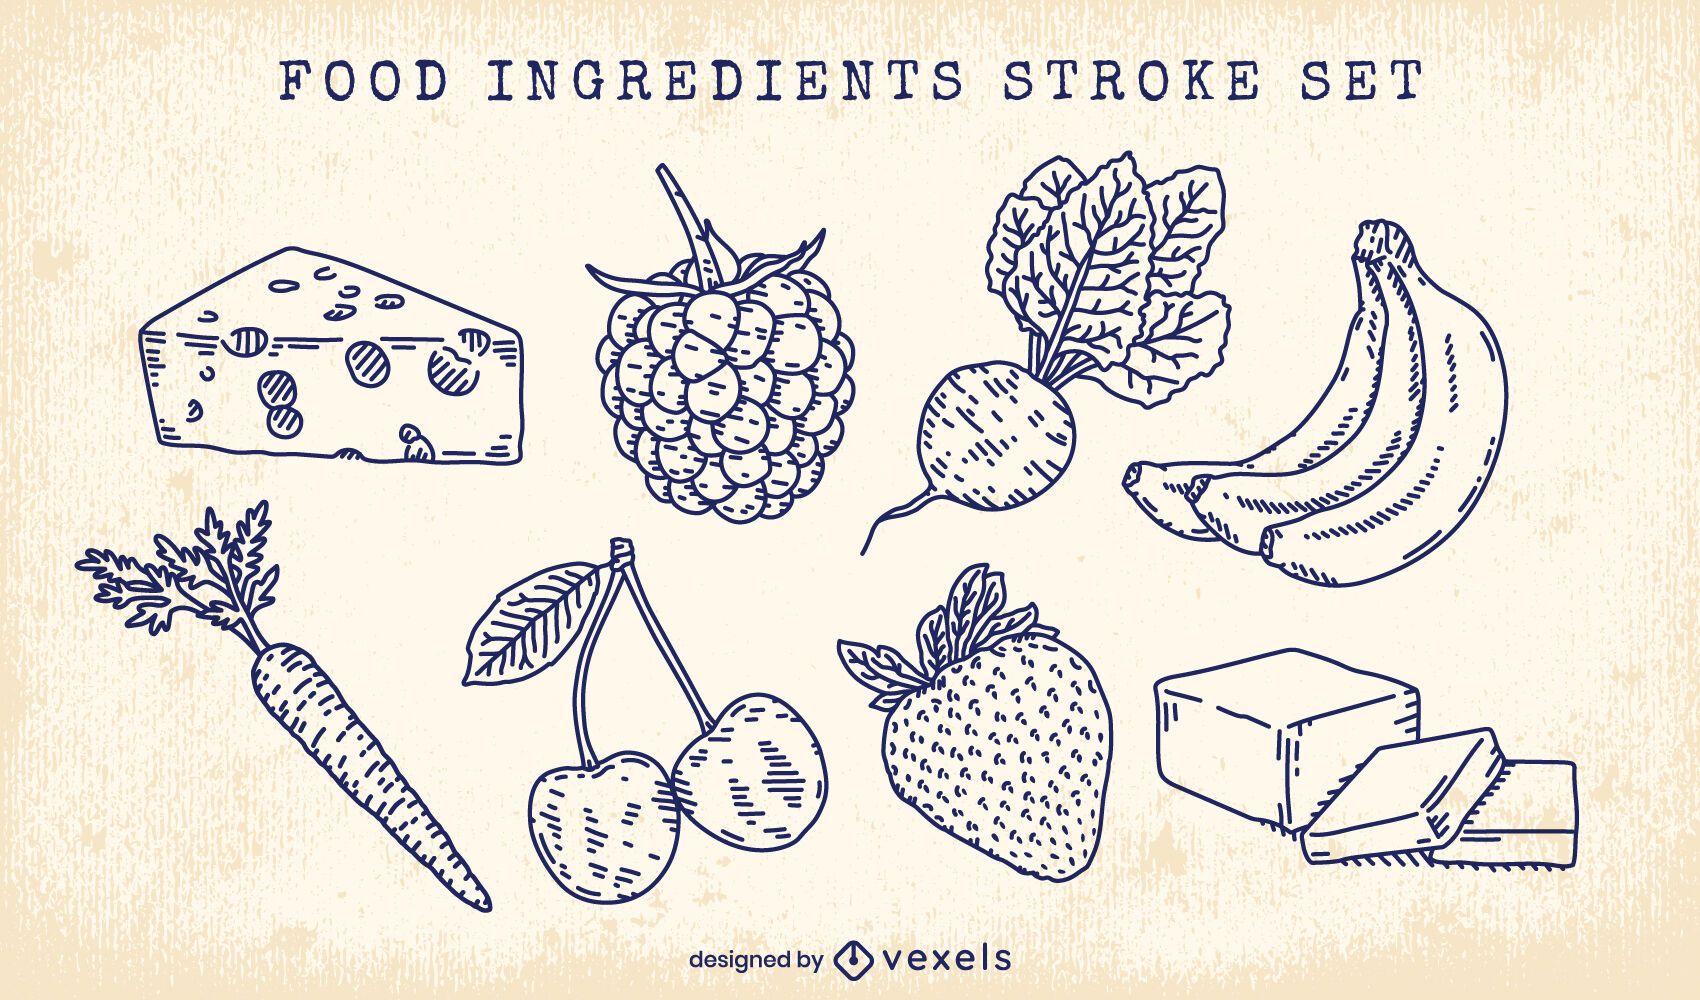 Basic food ingredient stroke set